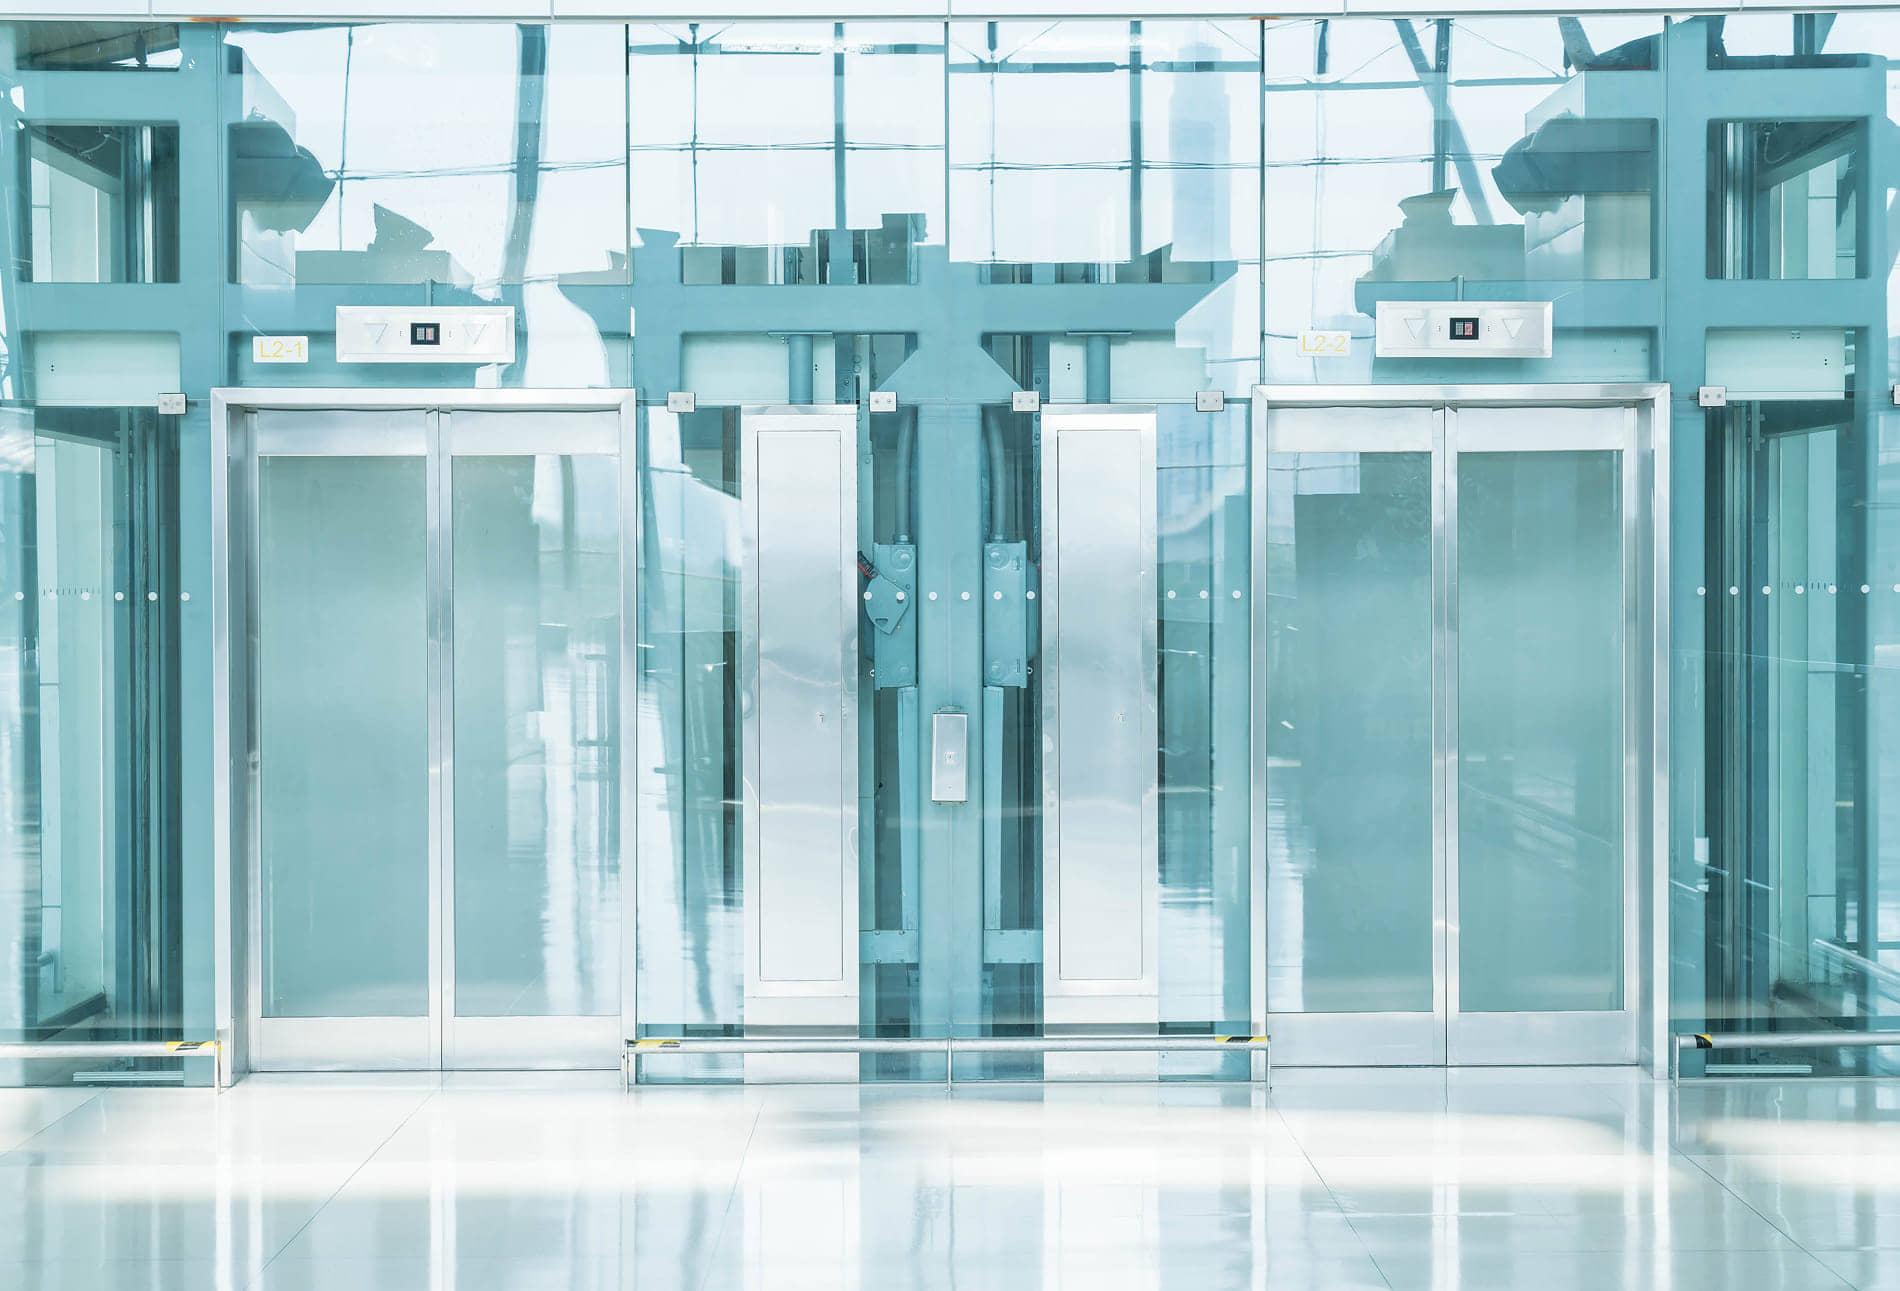 alt=portada de ascensores que consumen parados